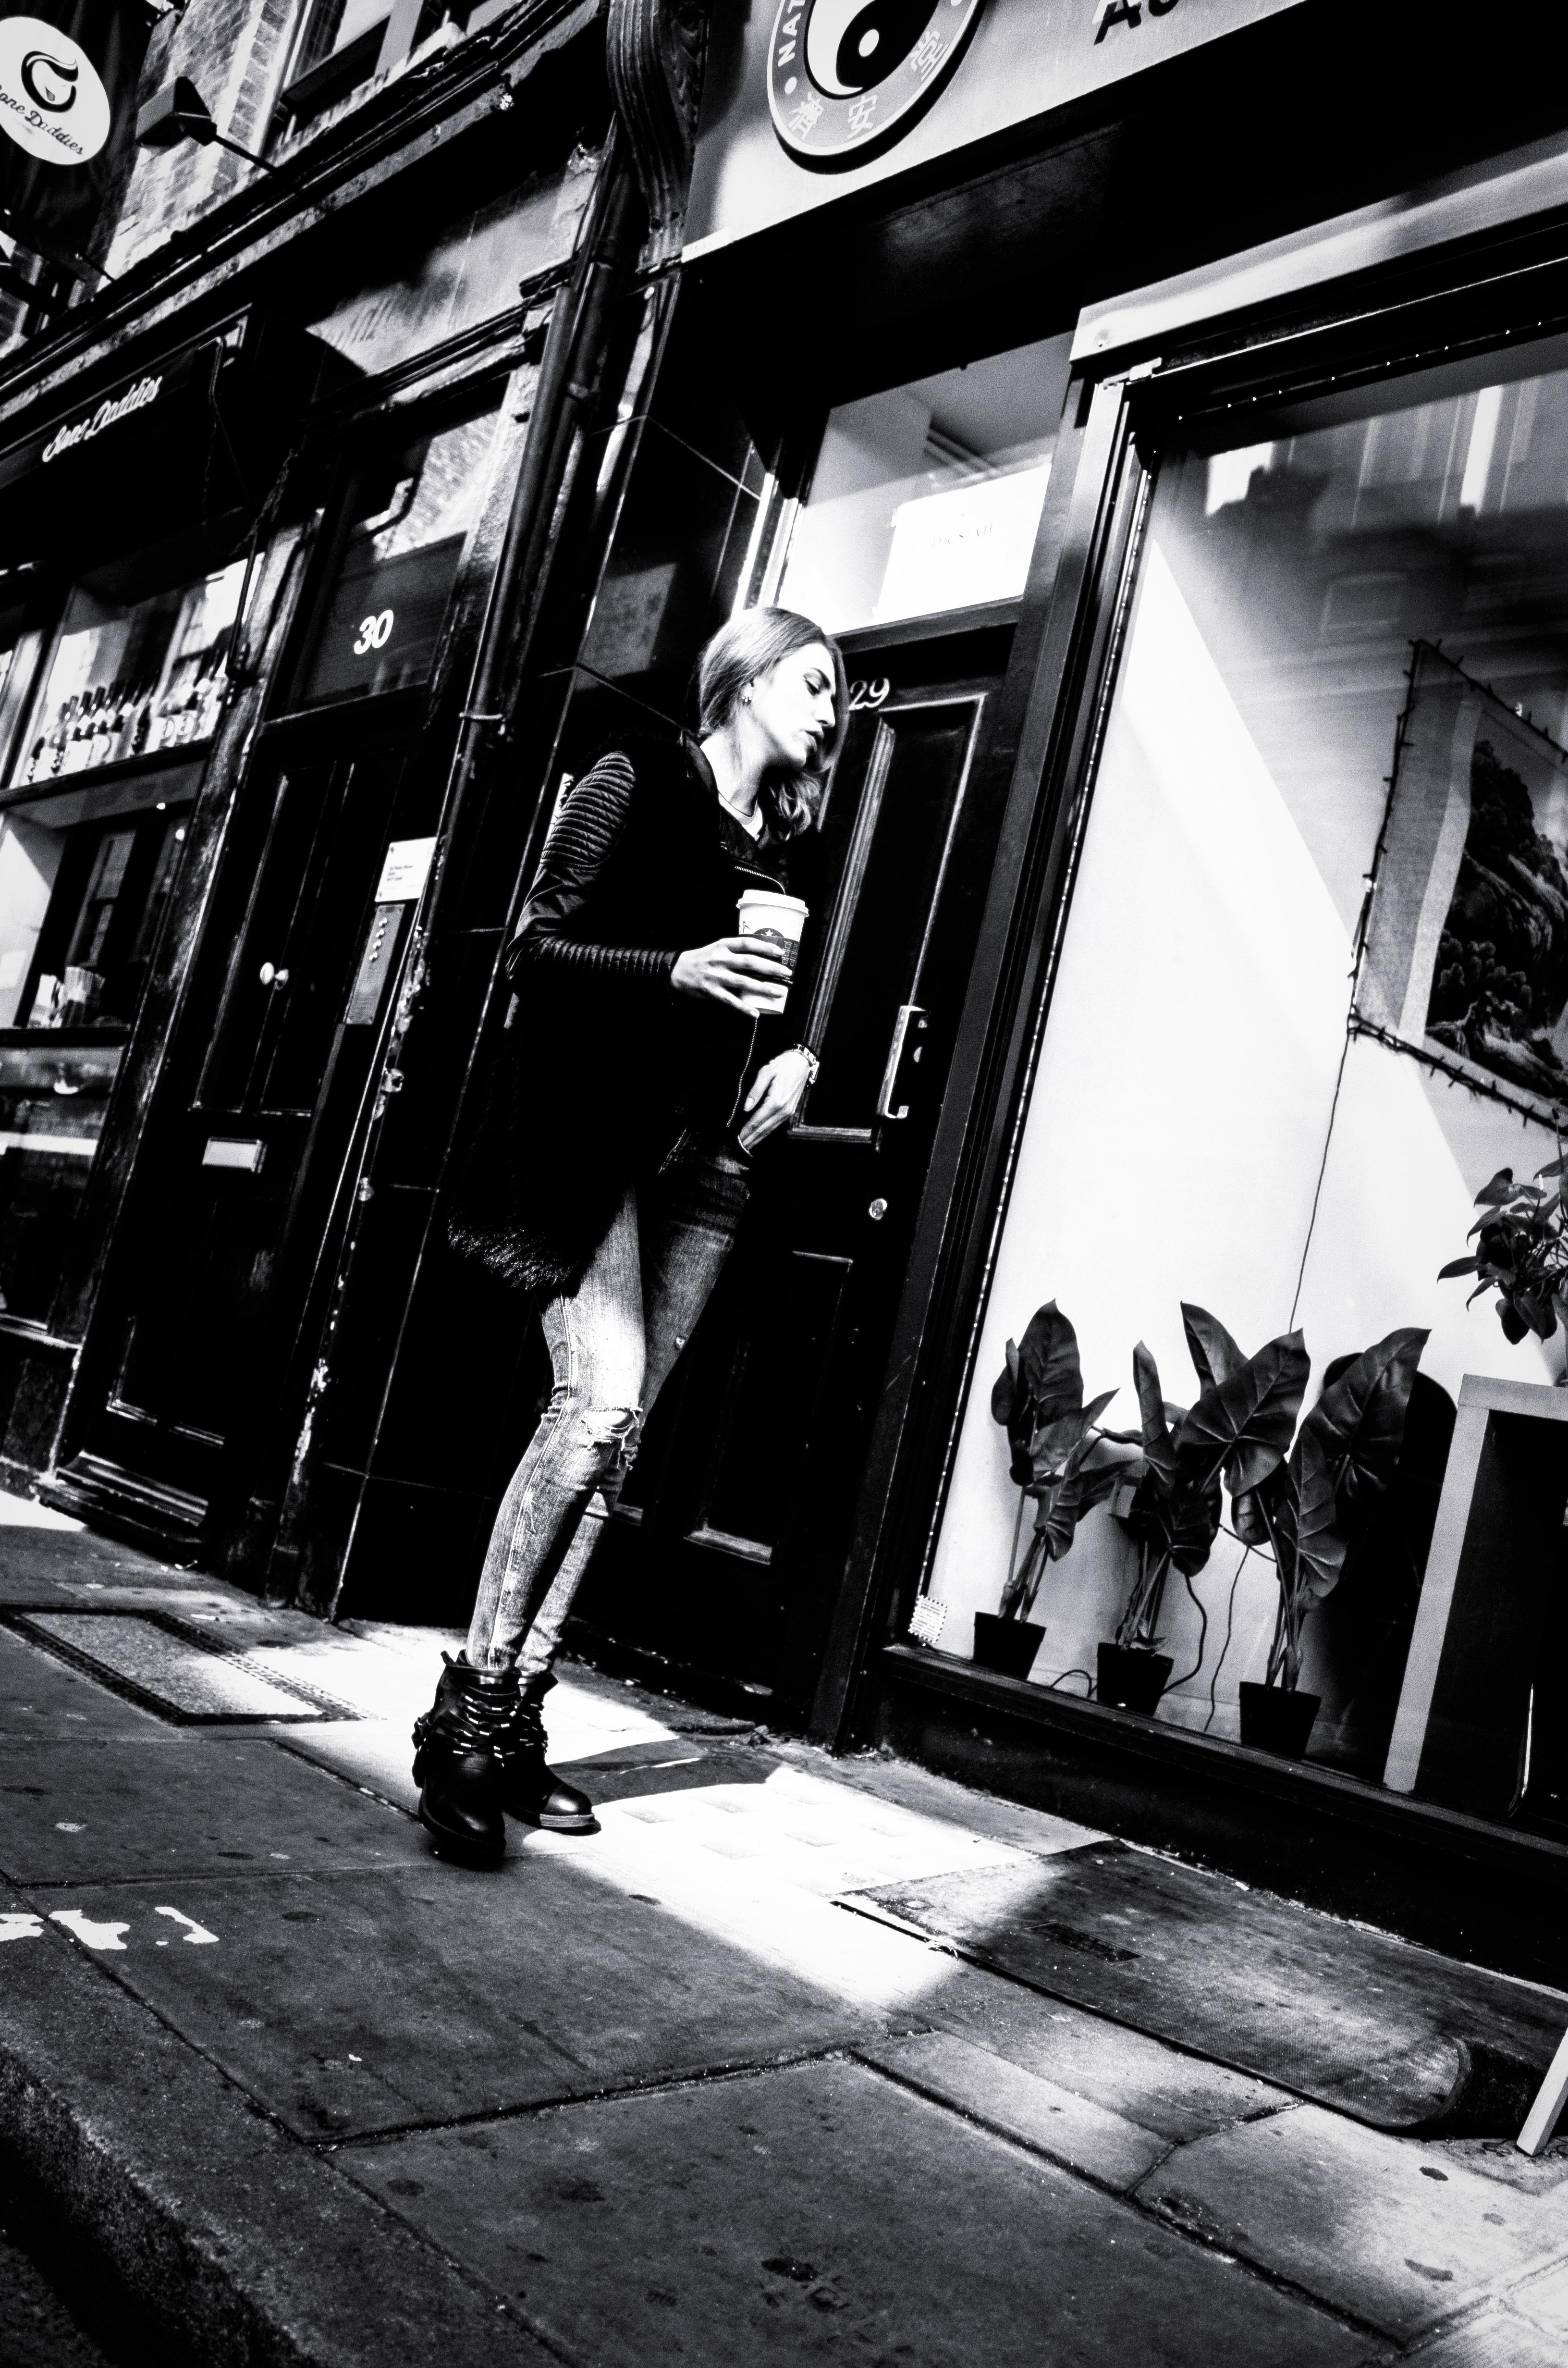 Soho, London, October 2016